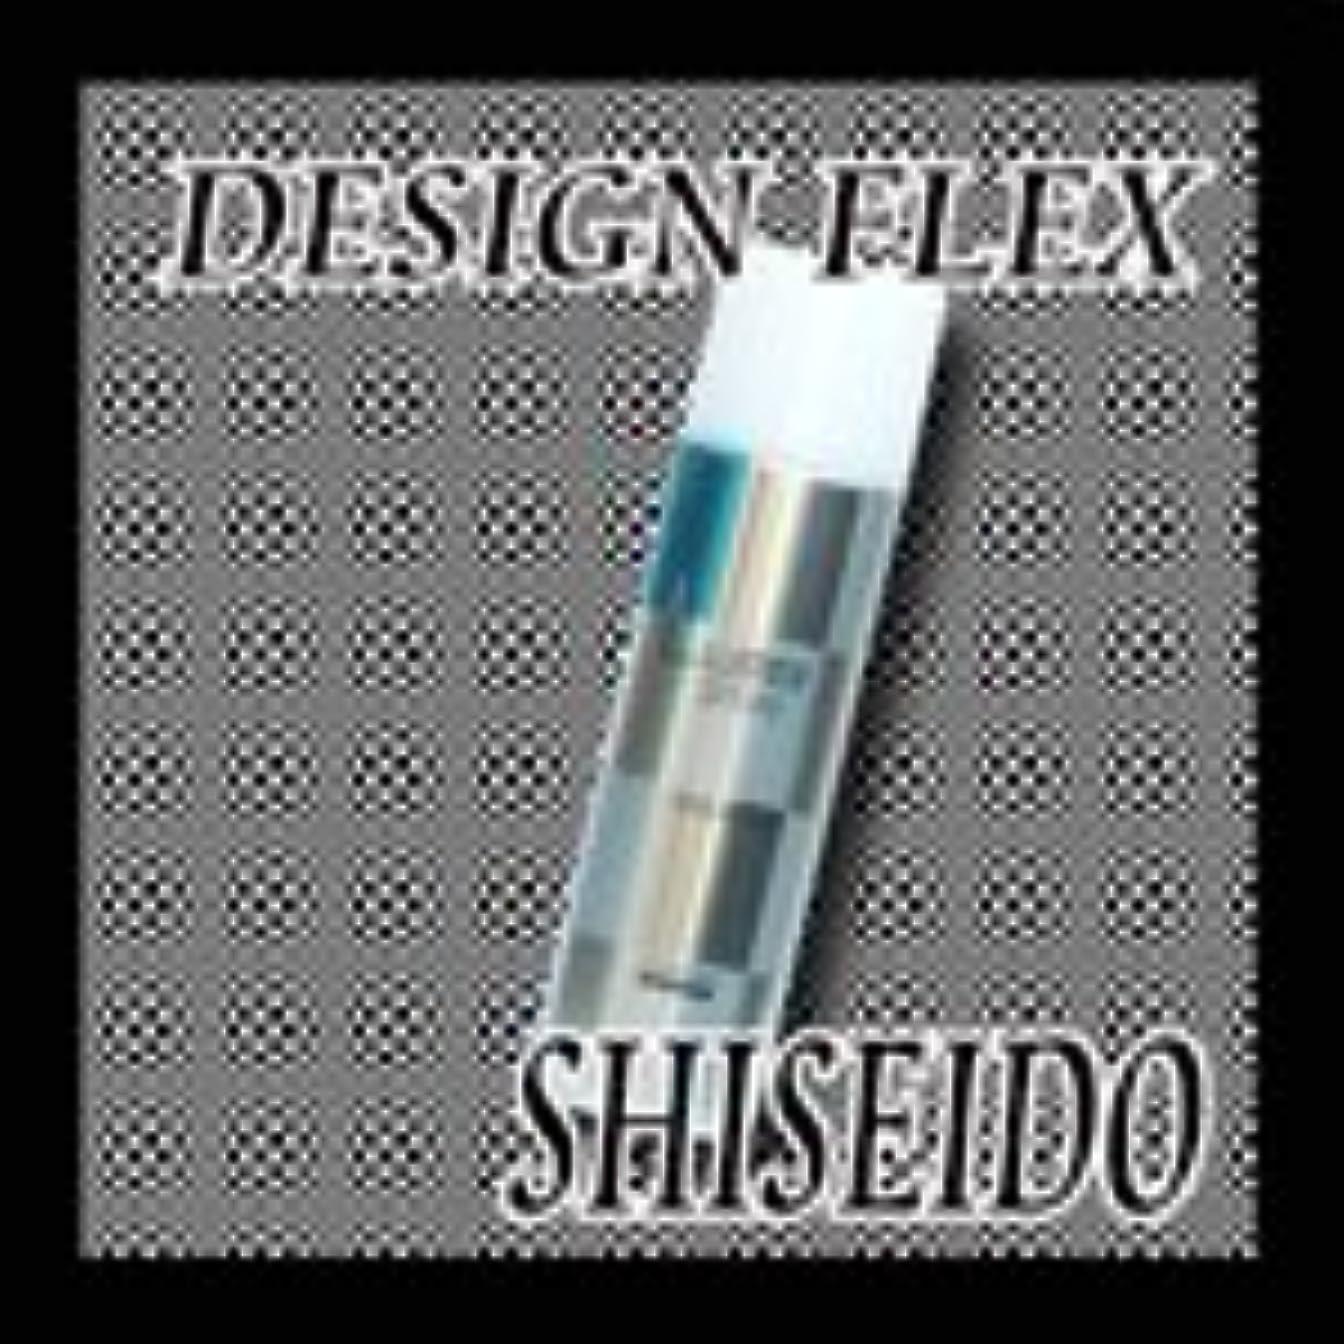 方向常識宴会SHISEIDO 資生堂 プロフェッショナル DESIGN FLEX デザインフレックス ラスタースプレー215g